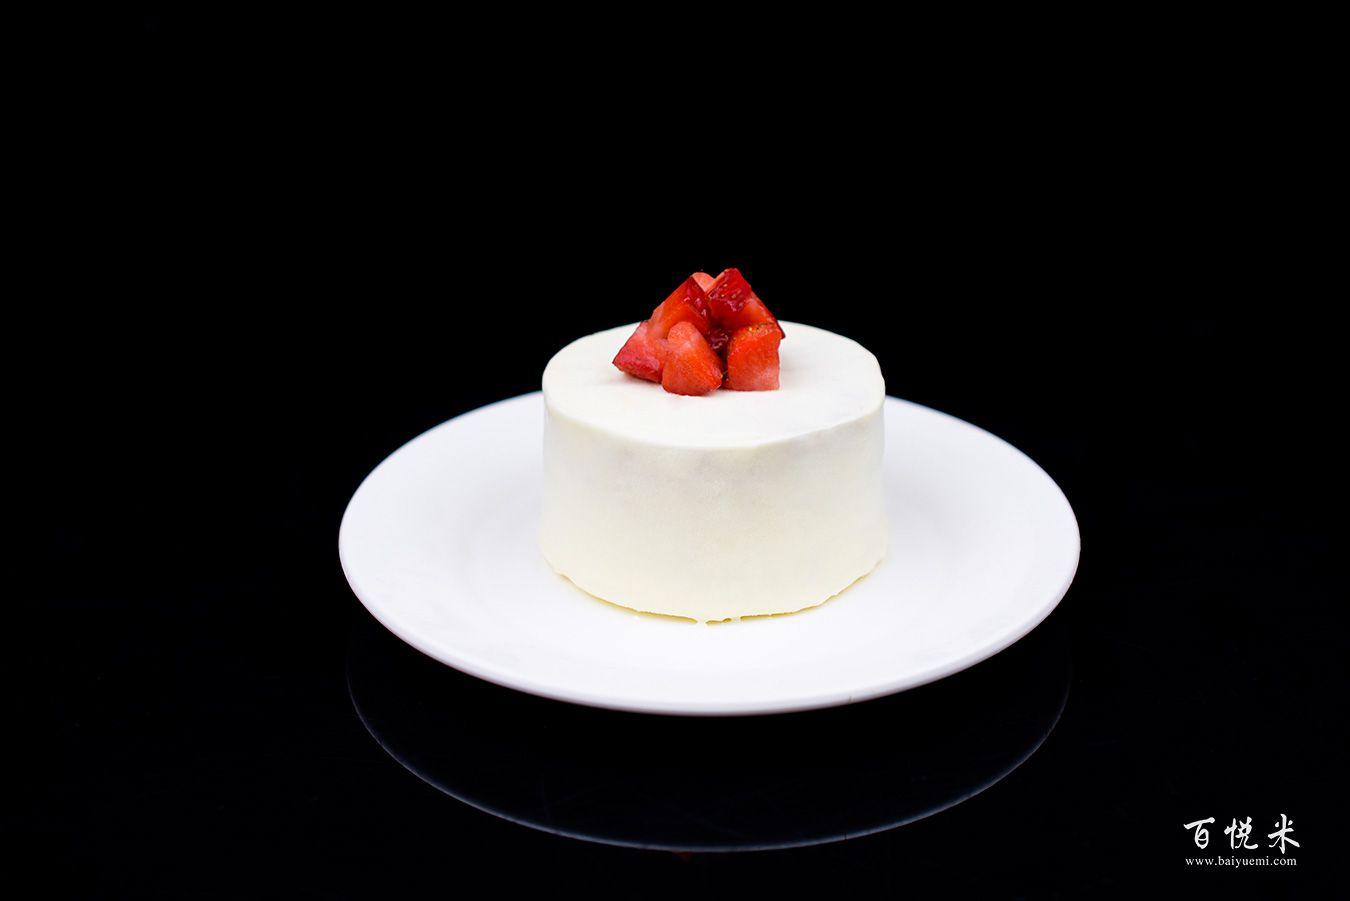 草莓小蛋糕高清图片大全【蛋糕图片】_585